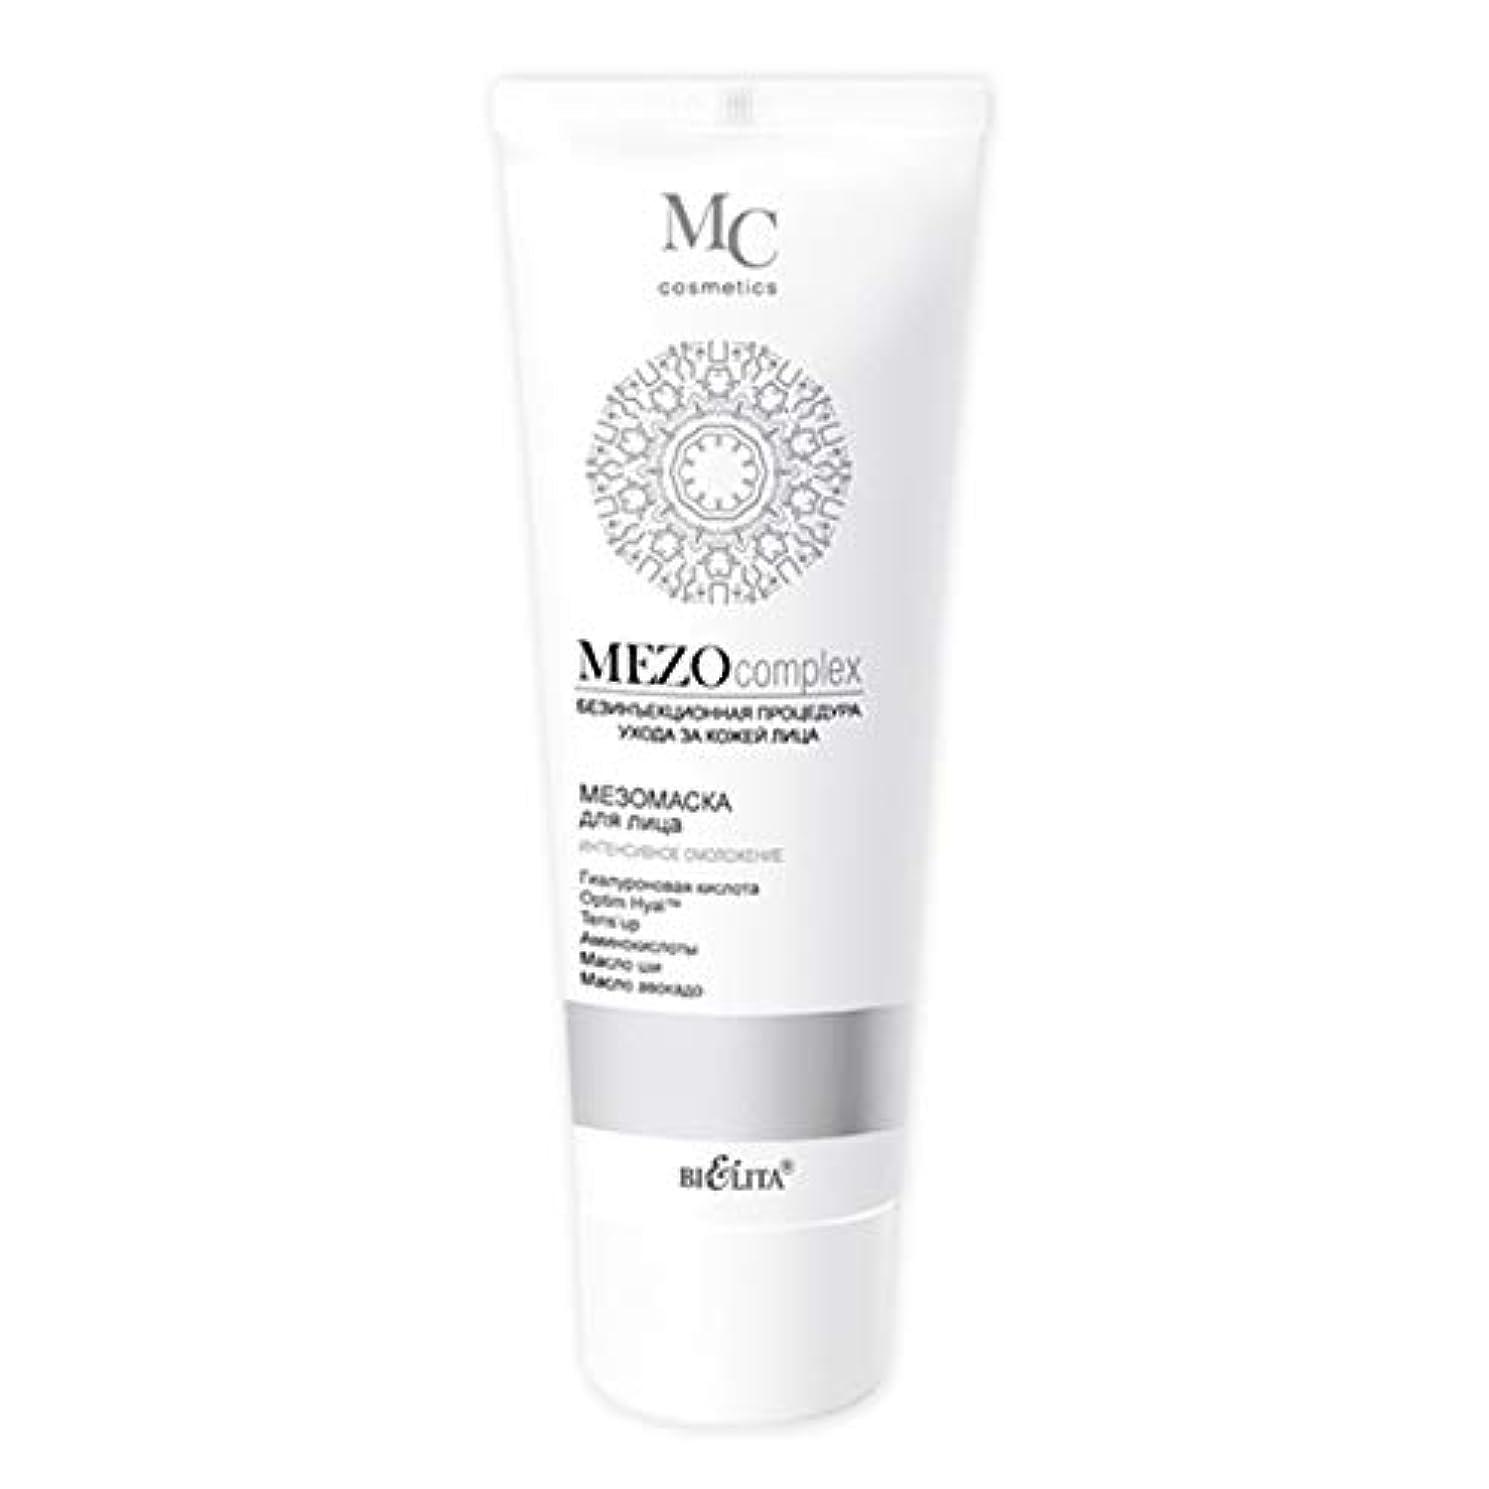 地雷原情熱的塗抹Mezo complex | Mezo MASK for the face | Non-injection facial skin care procedure | Hyaluronic acid | Optim Hyal...